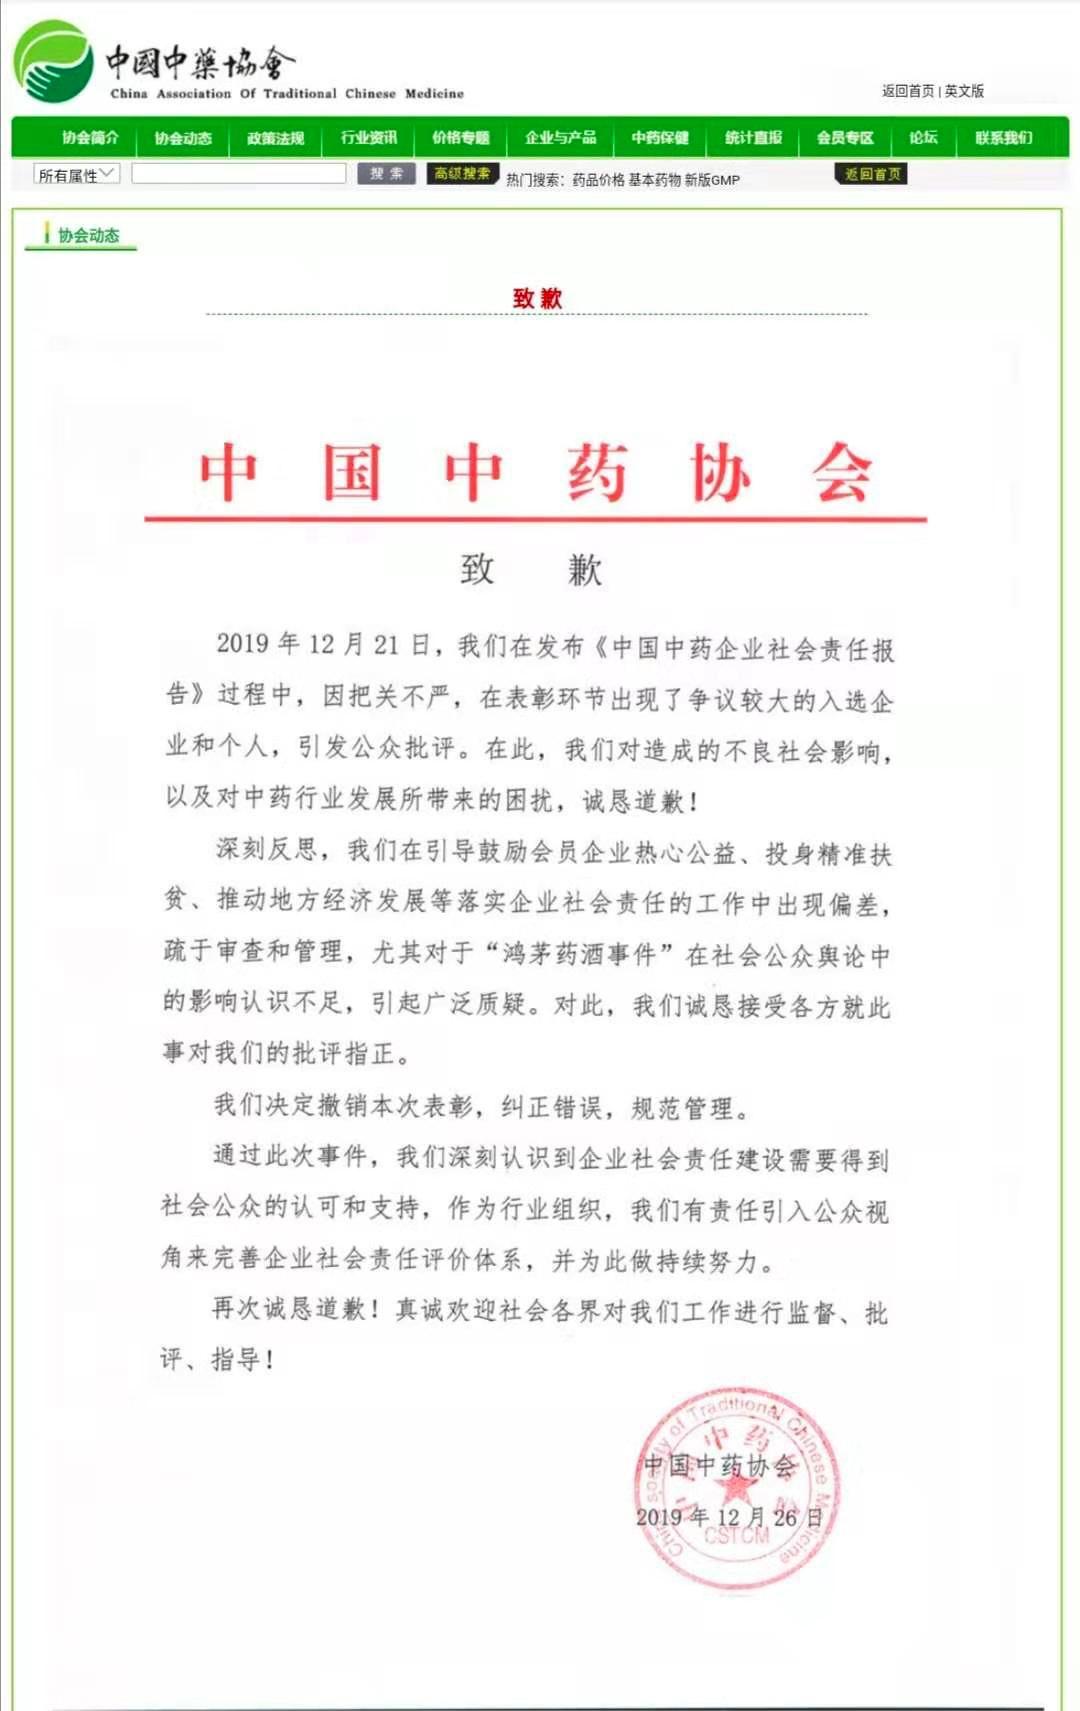 中国中药协会致歉!撤销鸿茅药业表彰